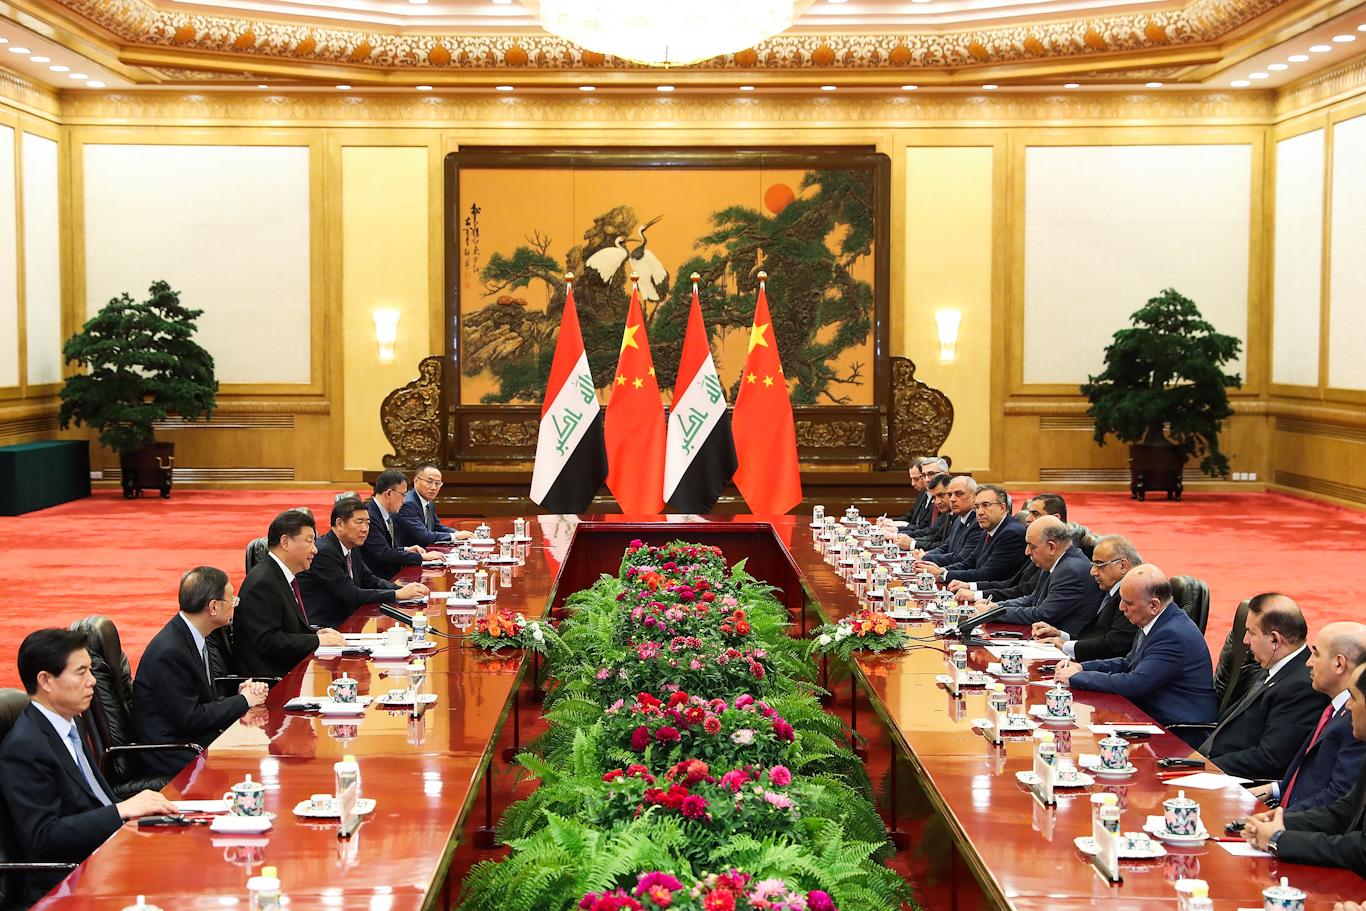 Састанак кинеске делегације предвођене председником Си Ђинпингом и ирачке делегације предвођене премијером Адел Абдулом-Махдијем у Великој сали народа, Пекинг, 23. септембар 2019. (Фото: Lintao Zhang/Pool Photo via AP)